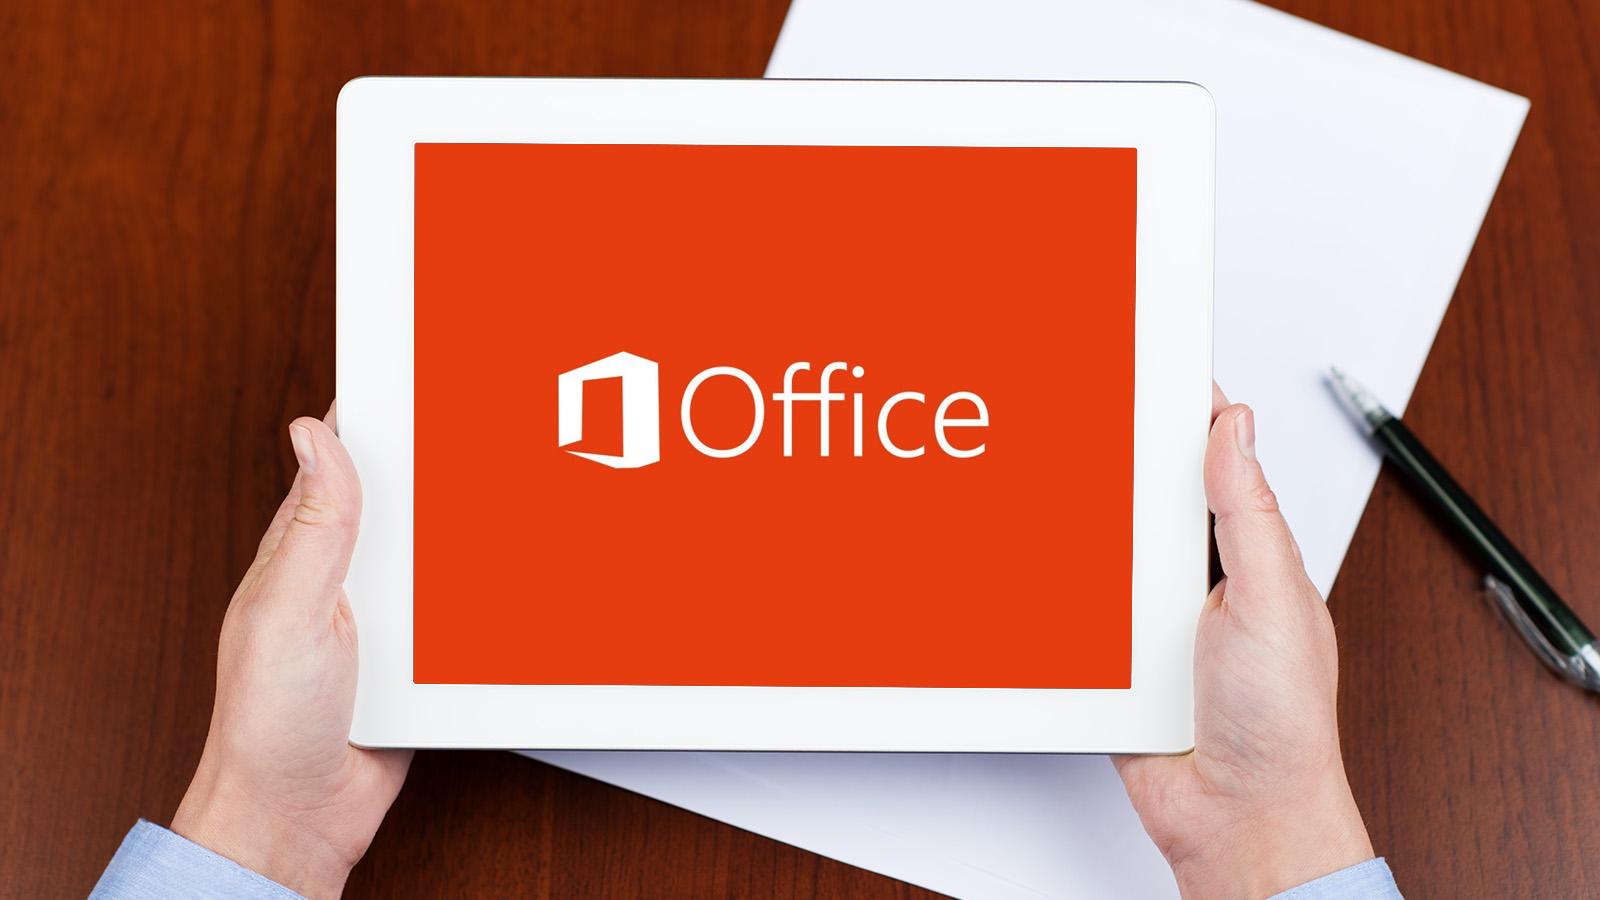 Компания Microsoft представила офисный пакет Office 2019